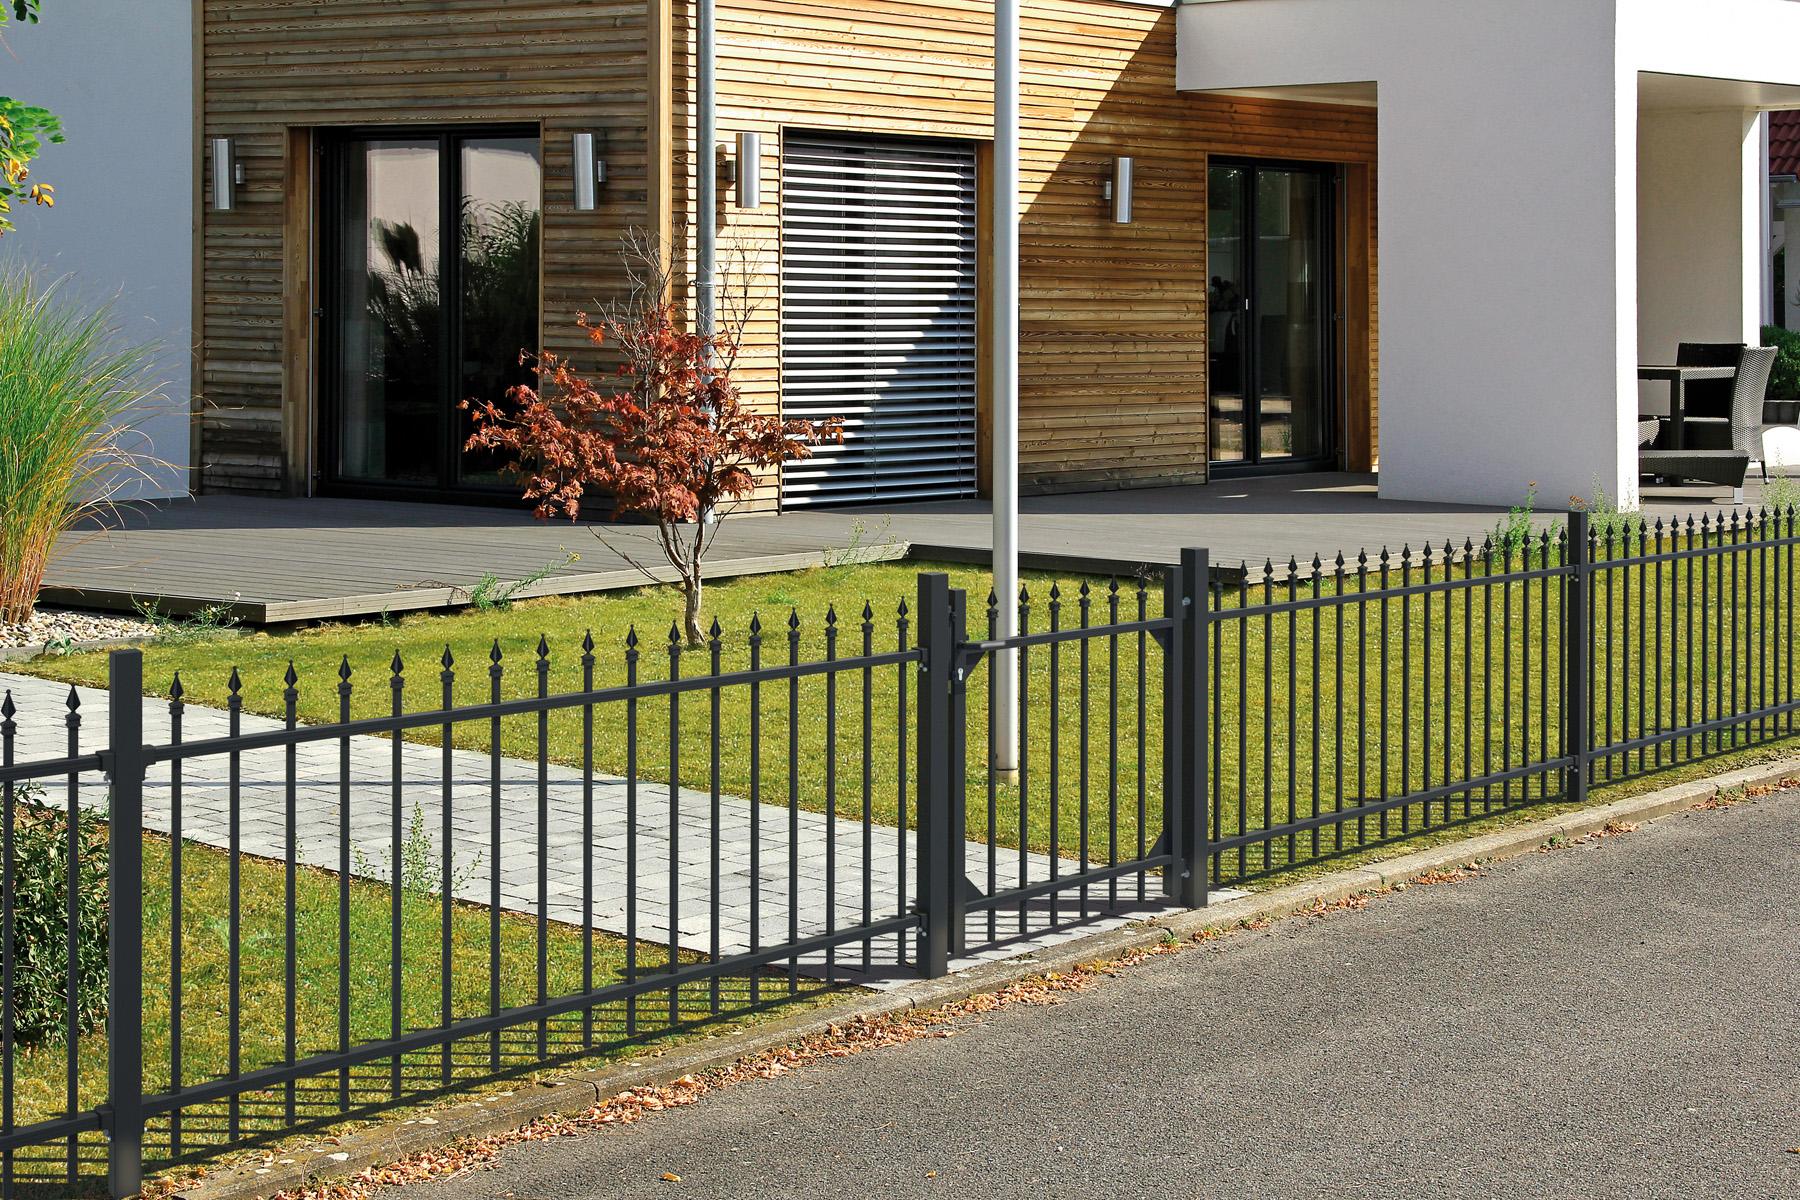 Gartenzune aus metall great fr gartenzaun metall modern with gartenzune aus metall geraumiges - Vorgartenzaun modern ...